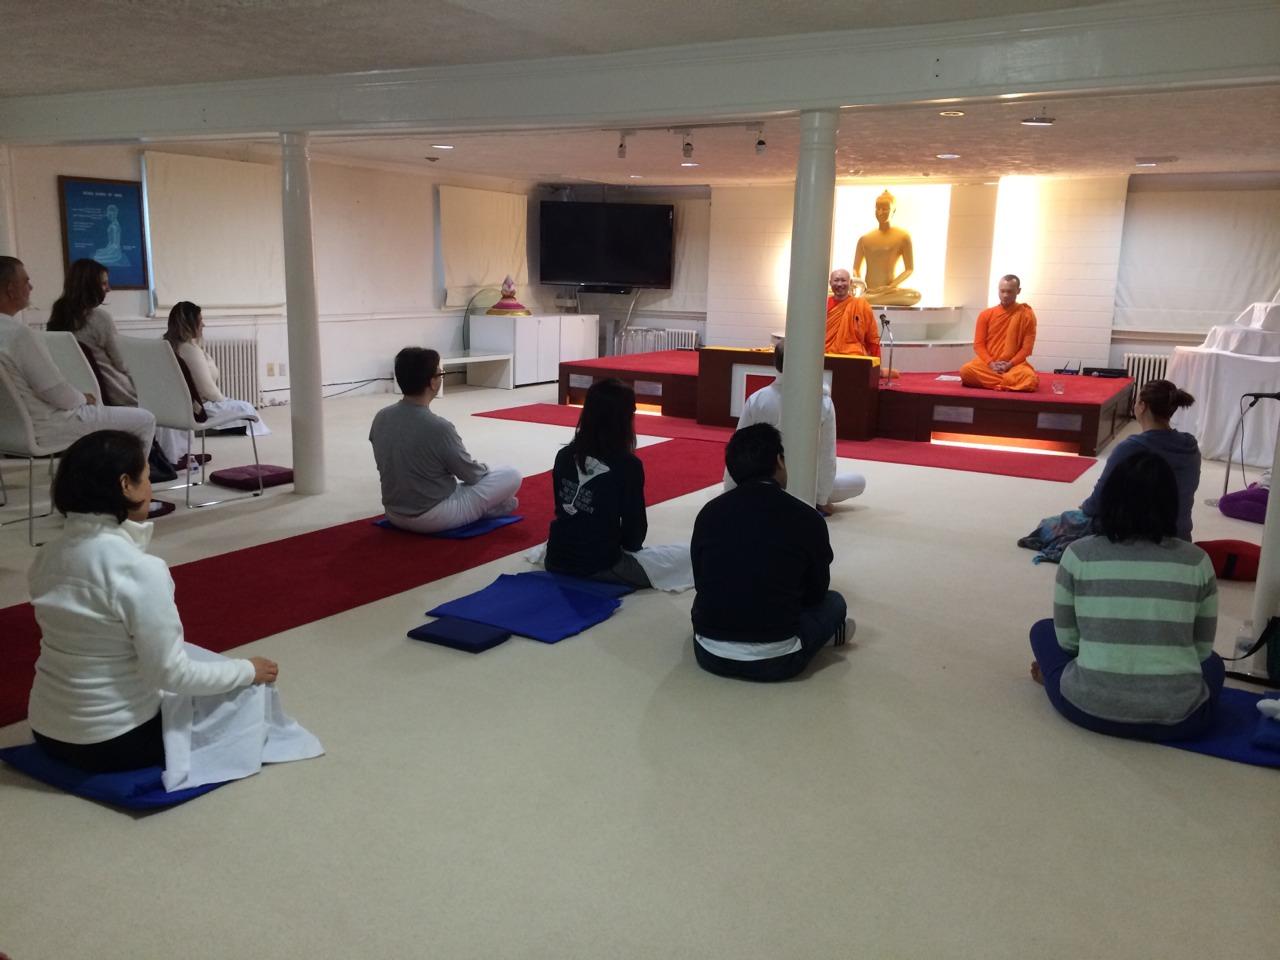 Group Meditation Session